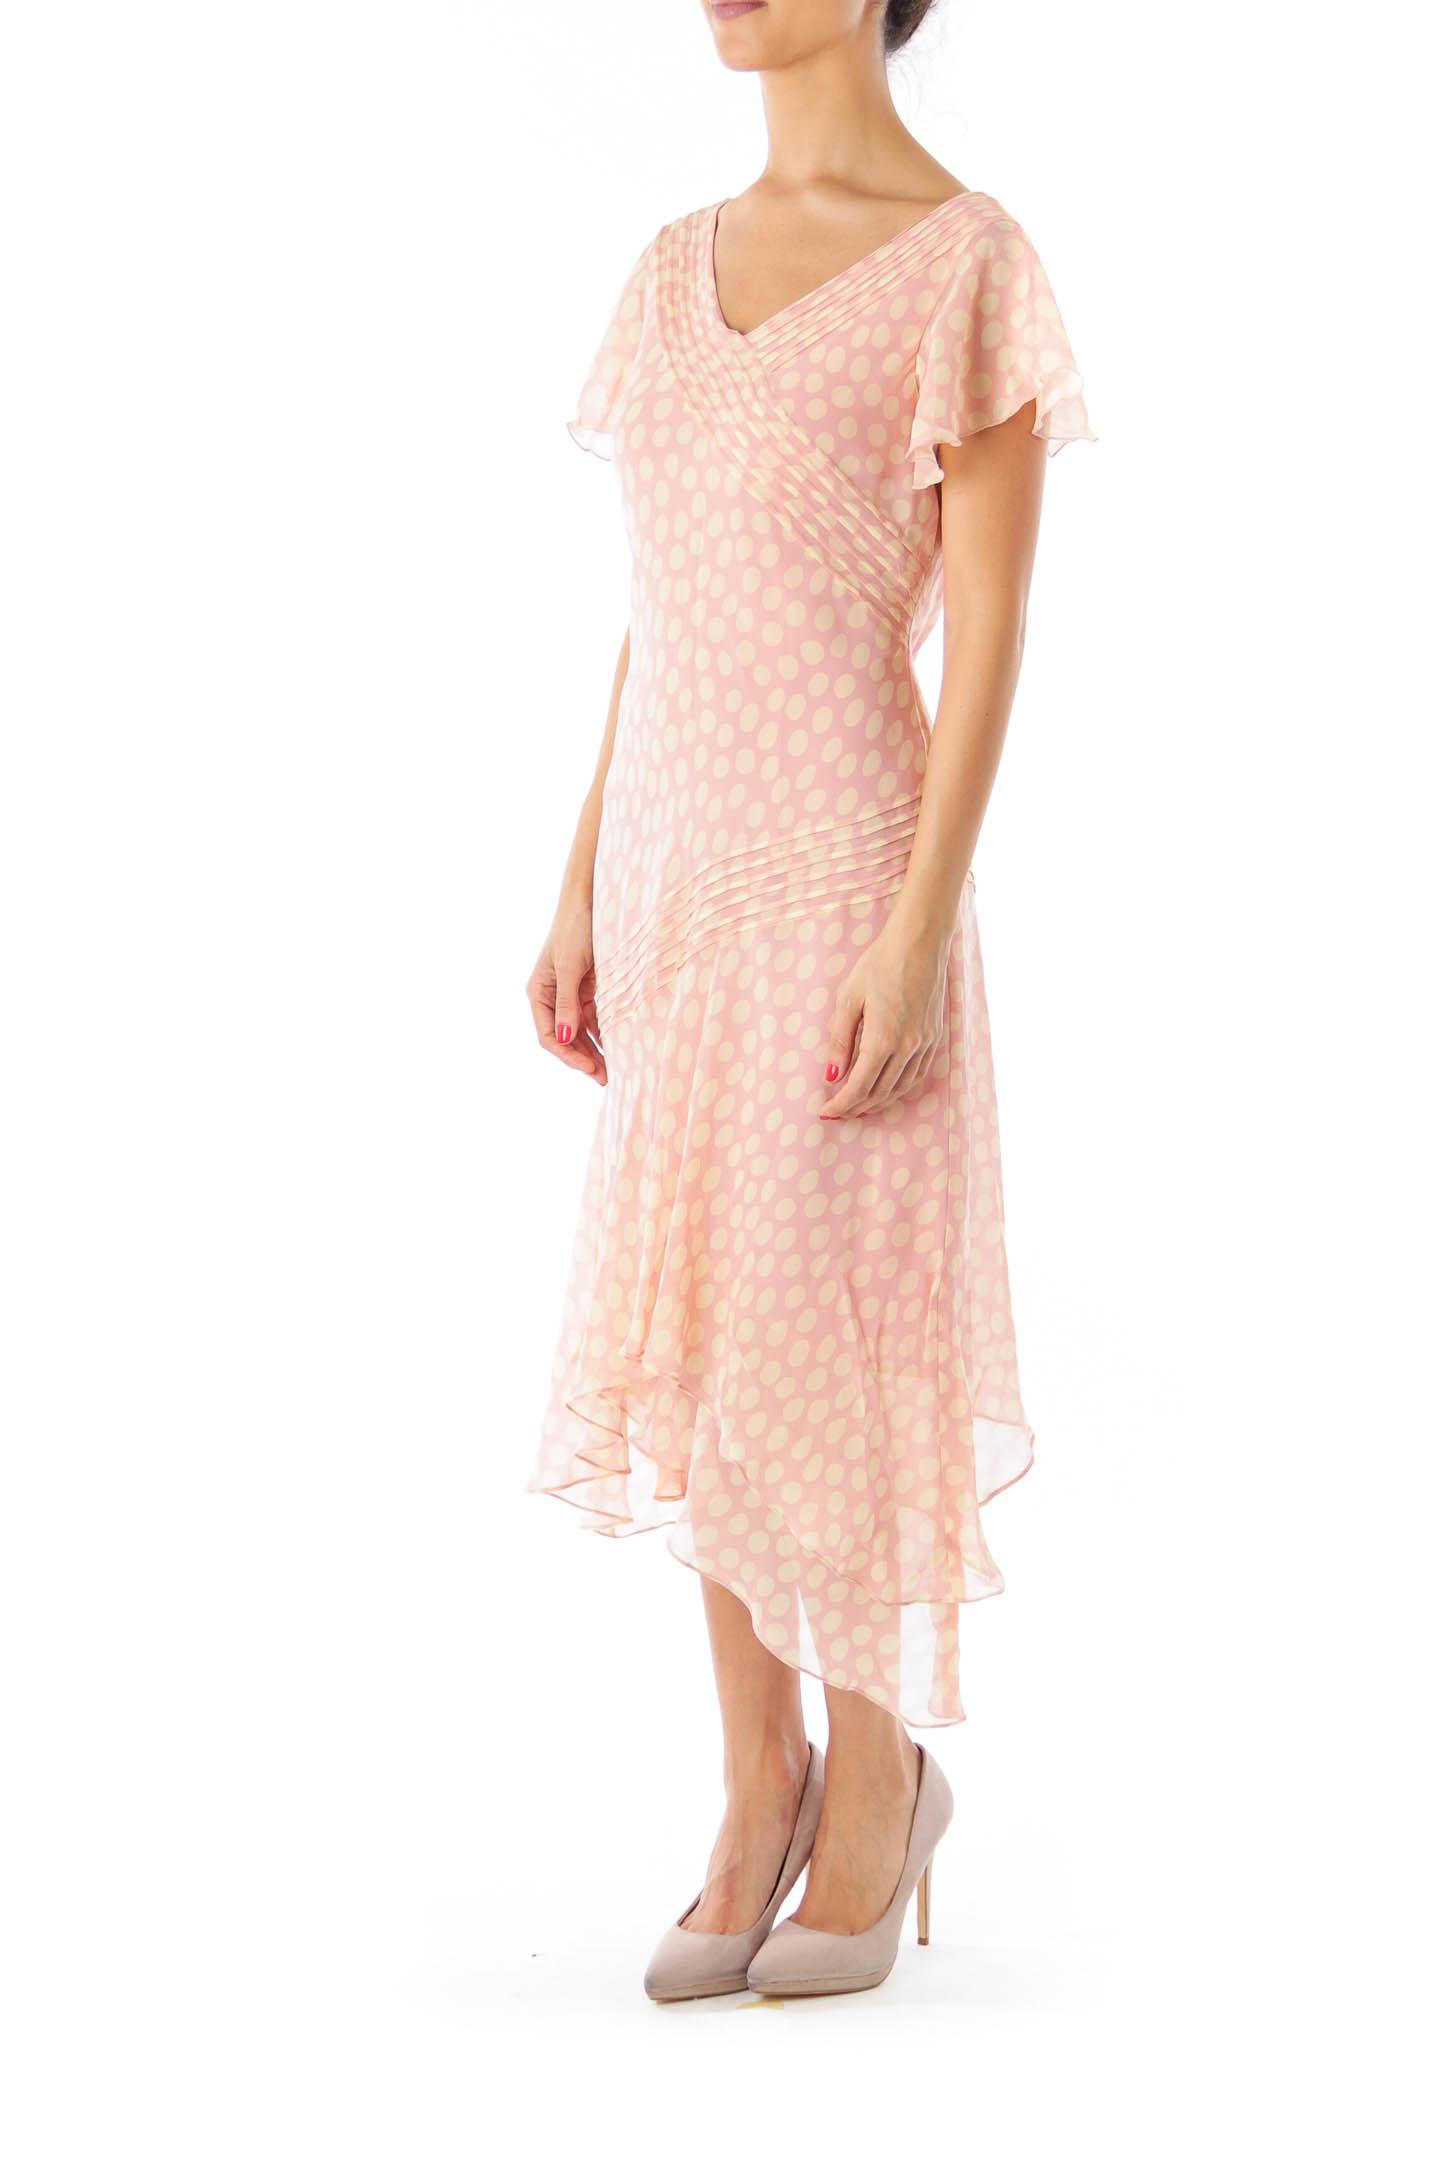 Pink Polka Dot Asymmetric Dress